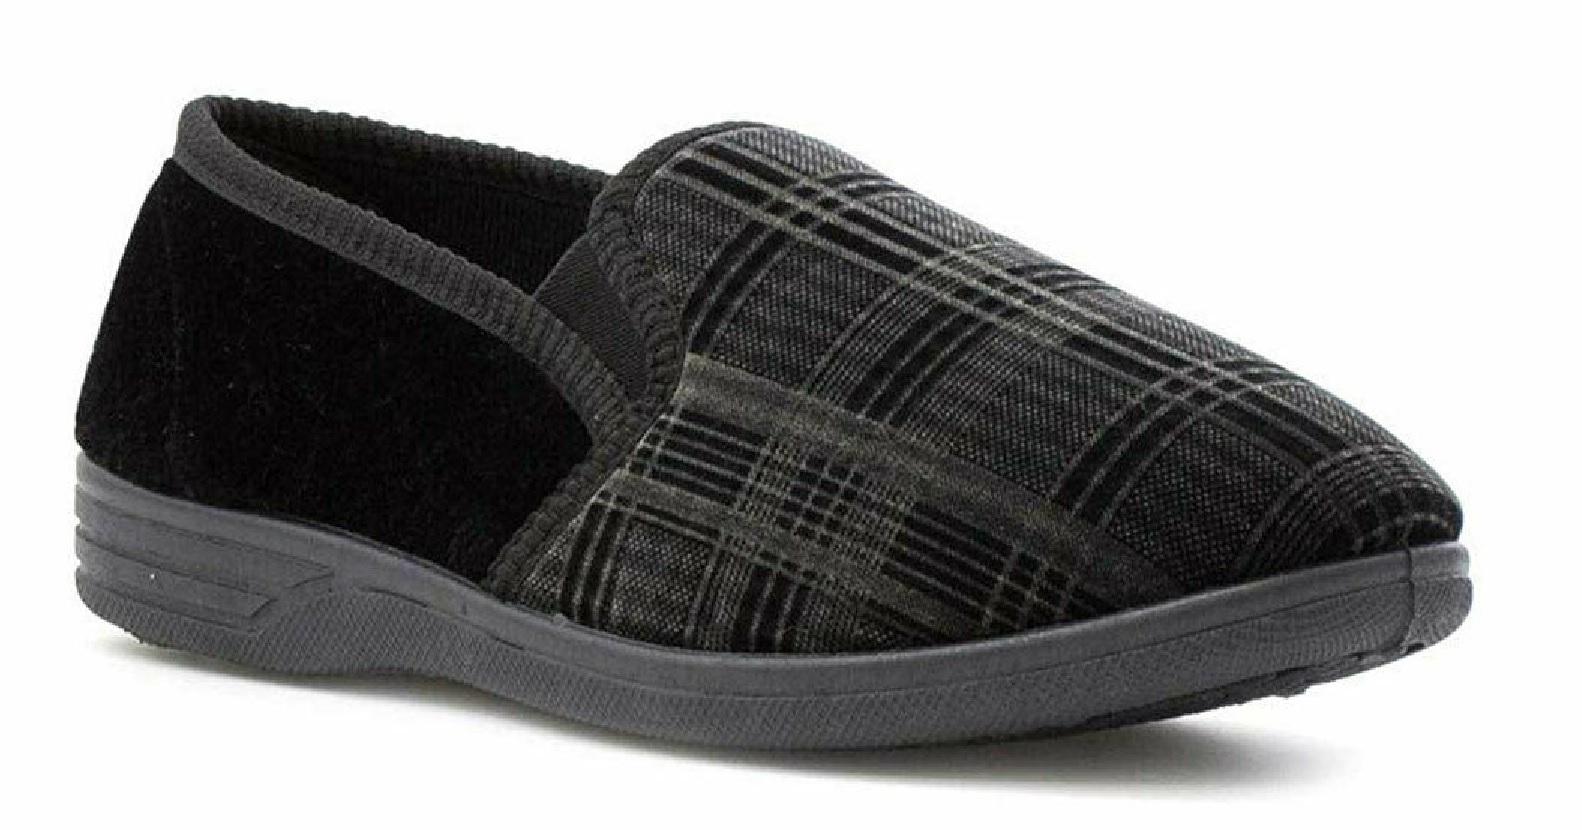 George Asda Mens Low Heel Slip on